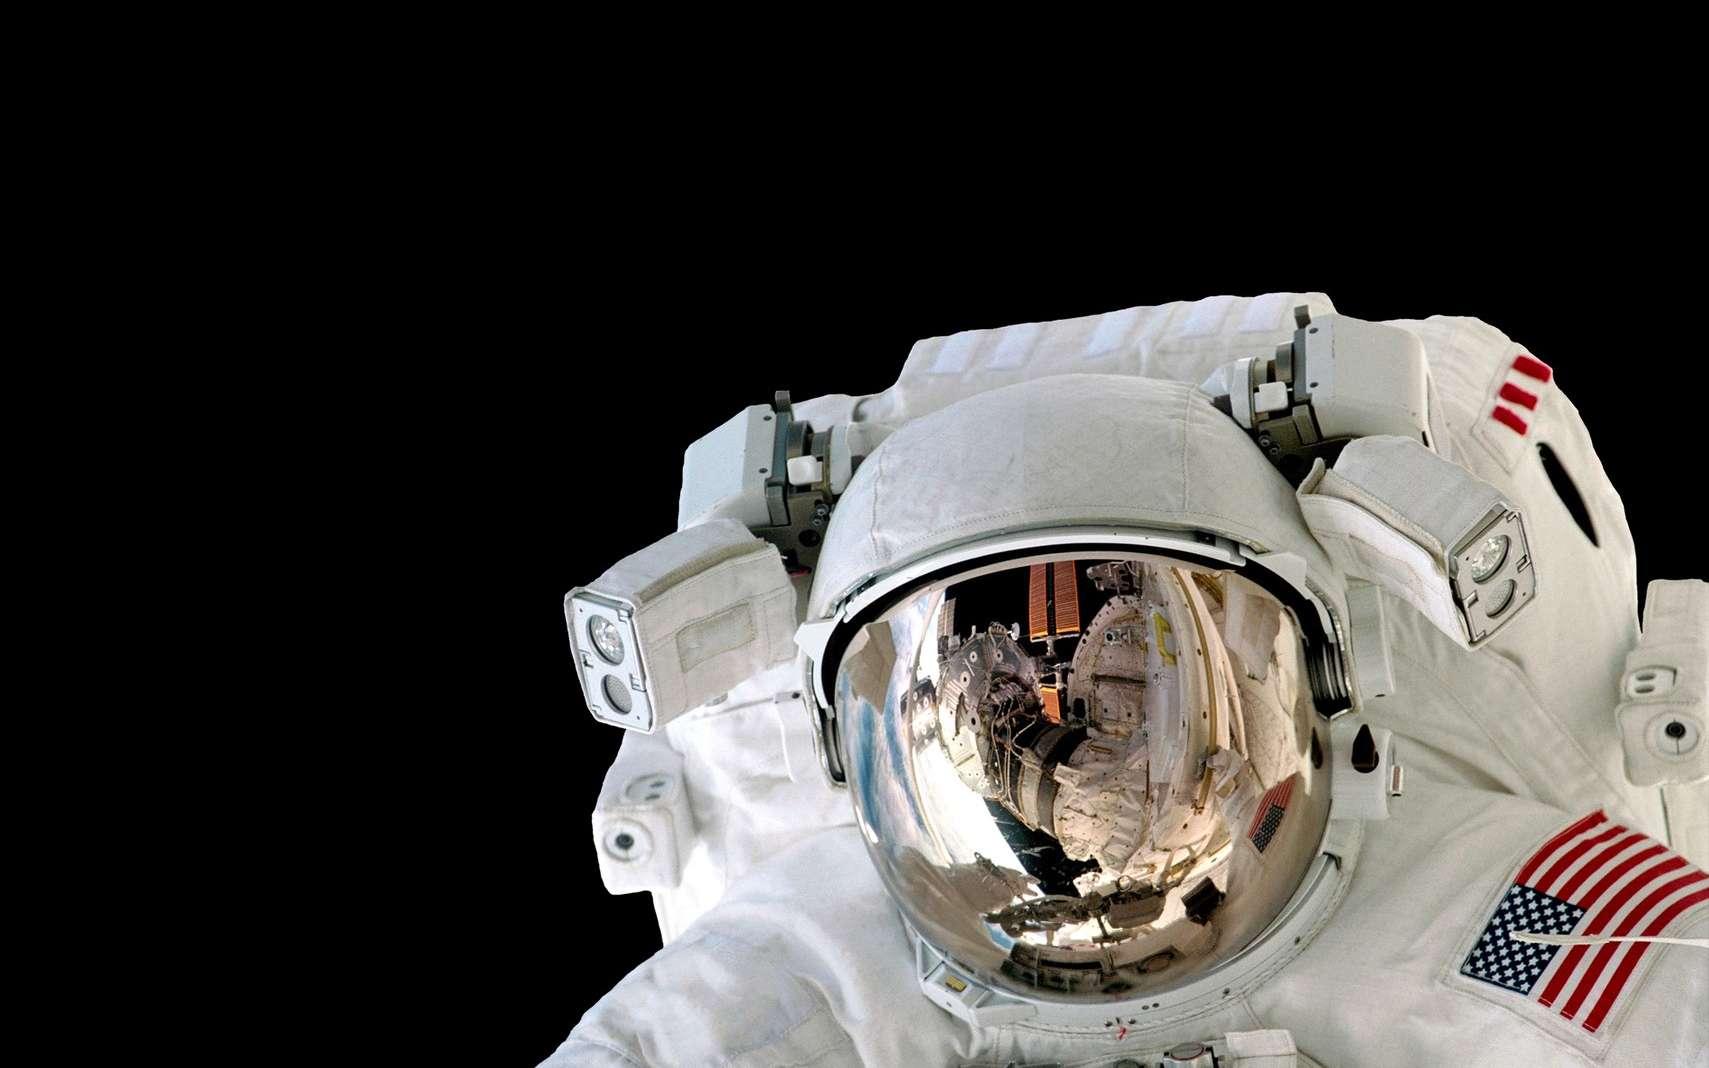 Au bout de deux mois et demi dans l'espace, les astronautes ont une température corporelle de 38 °C. © nikonomad, Fotolia